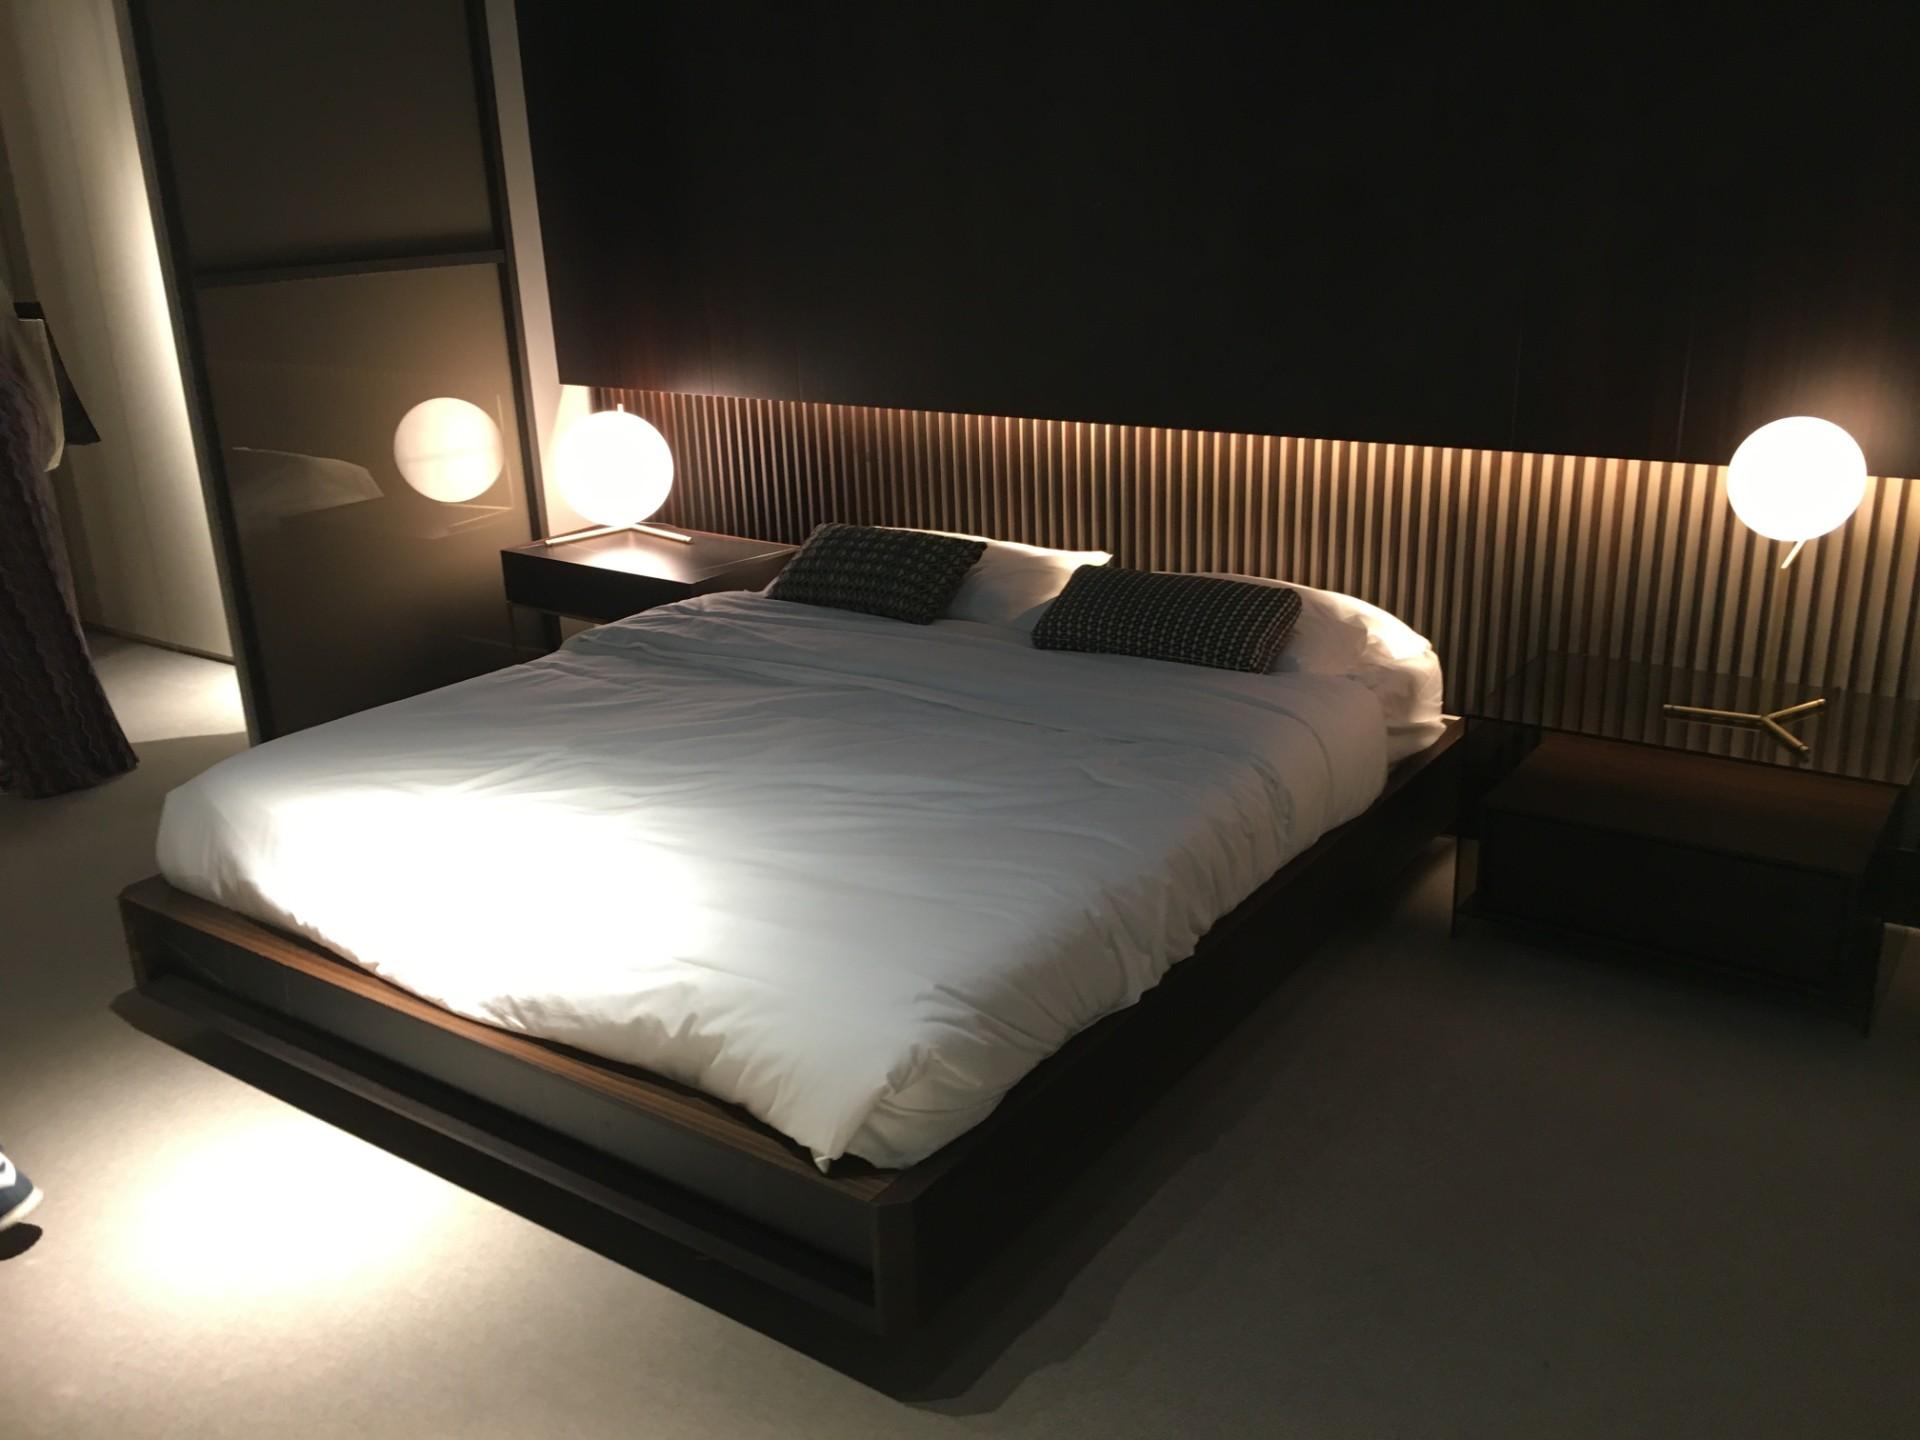 feria-habitat-valencia-2018-interiorismo-interiores-mobiliario-muebles-16